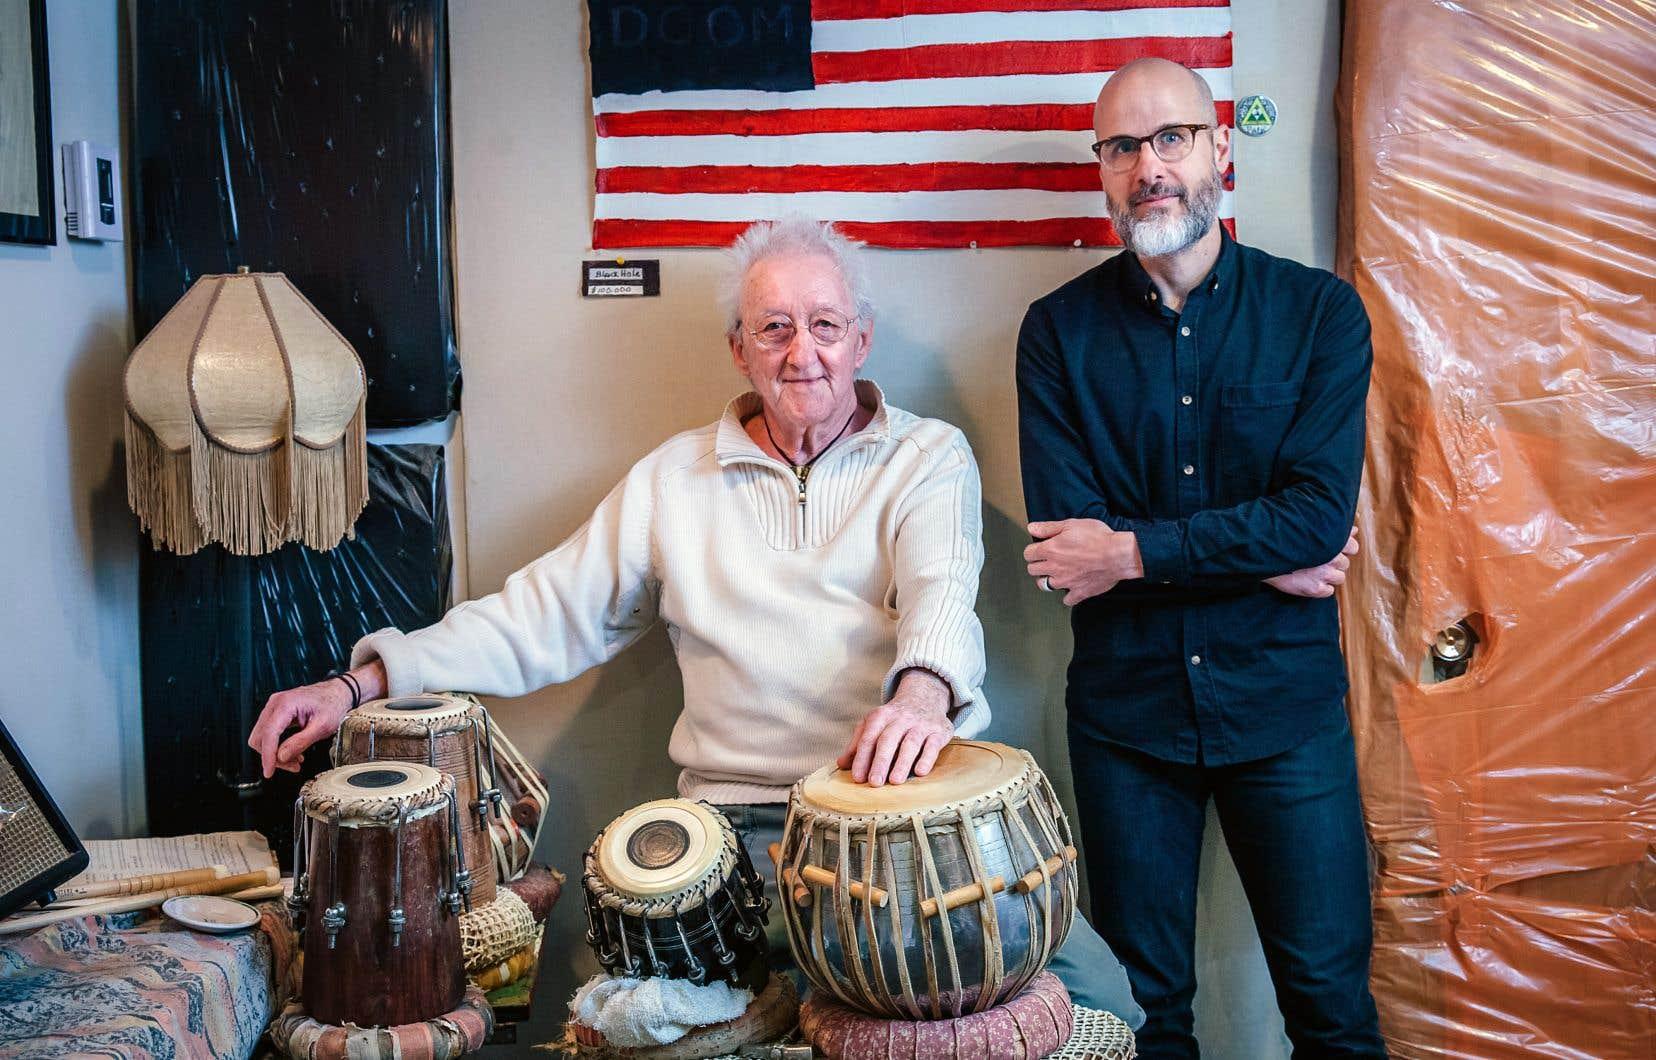 Eric Fillion en compagnie de Guy Thouin, de l'ensemble Jazz libre, chez lui, dans son studio d'enregistrement